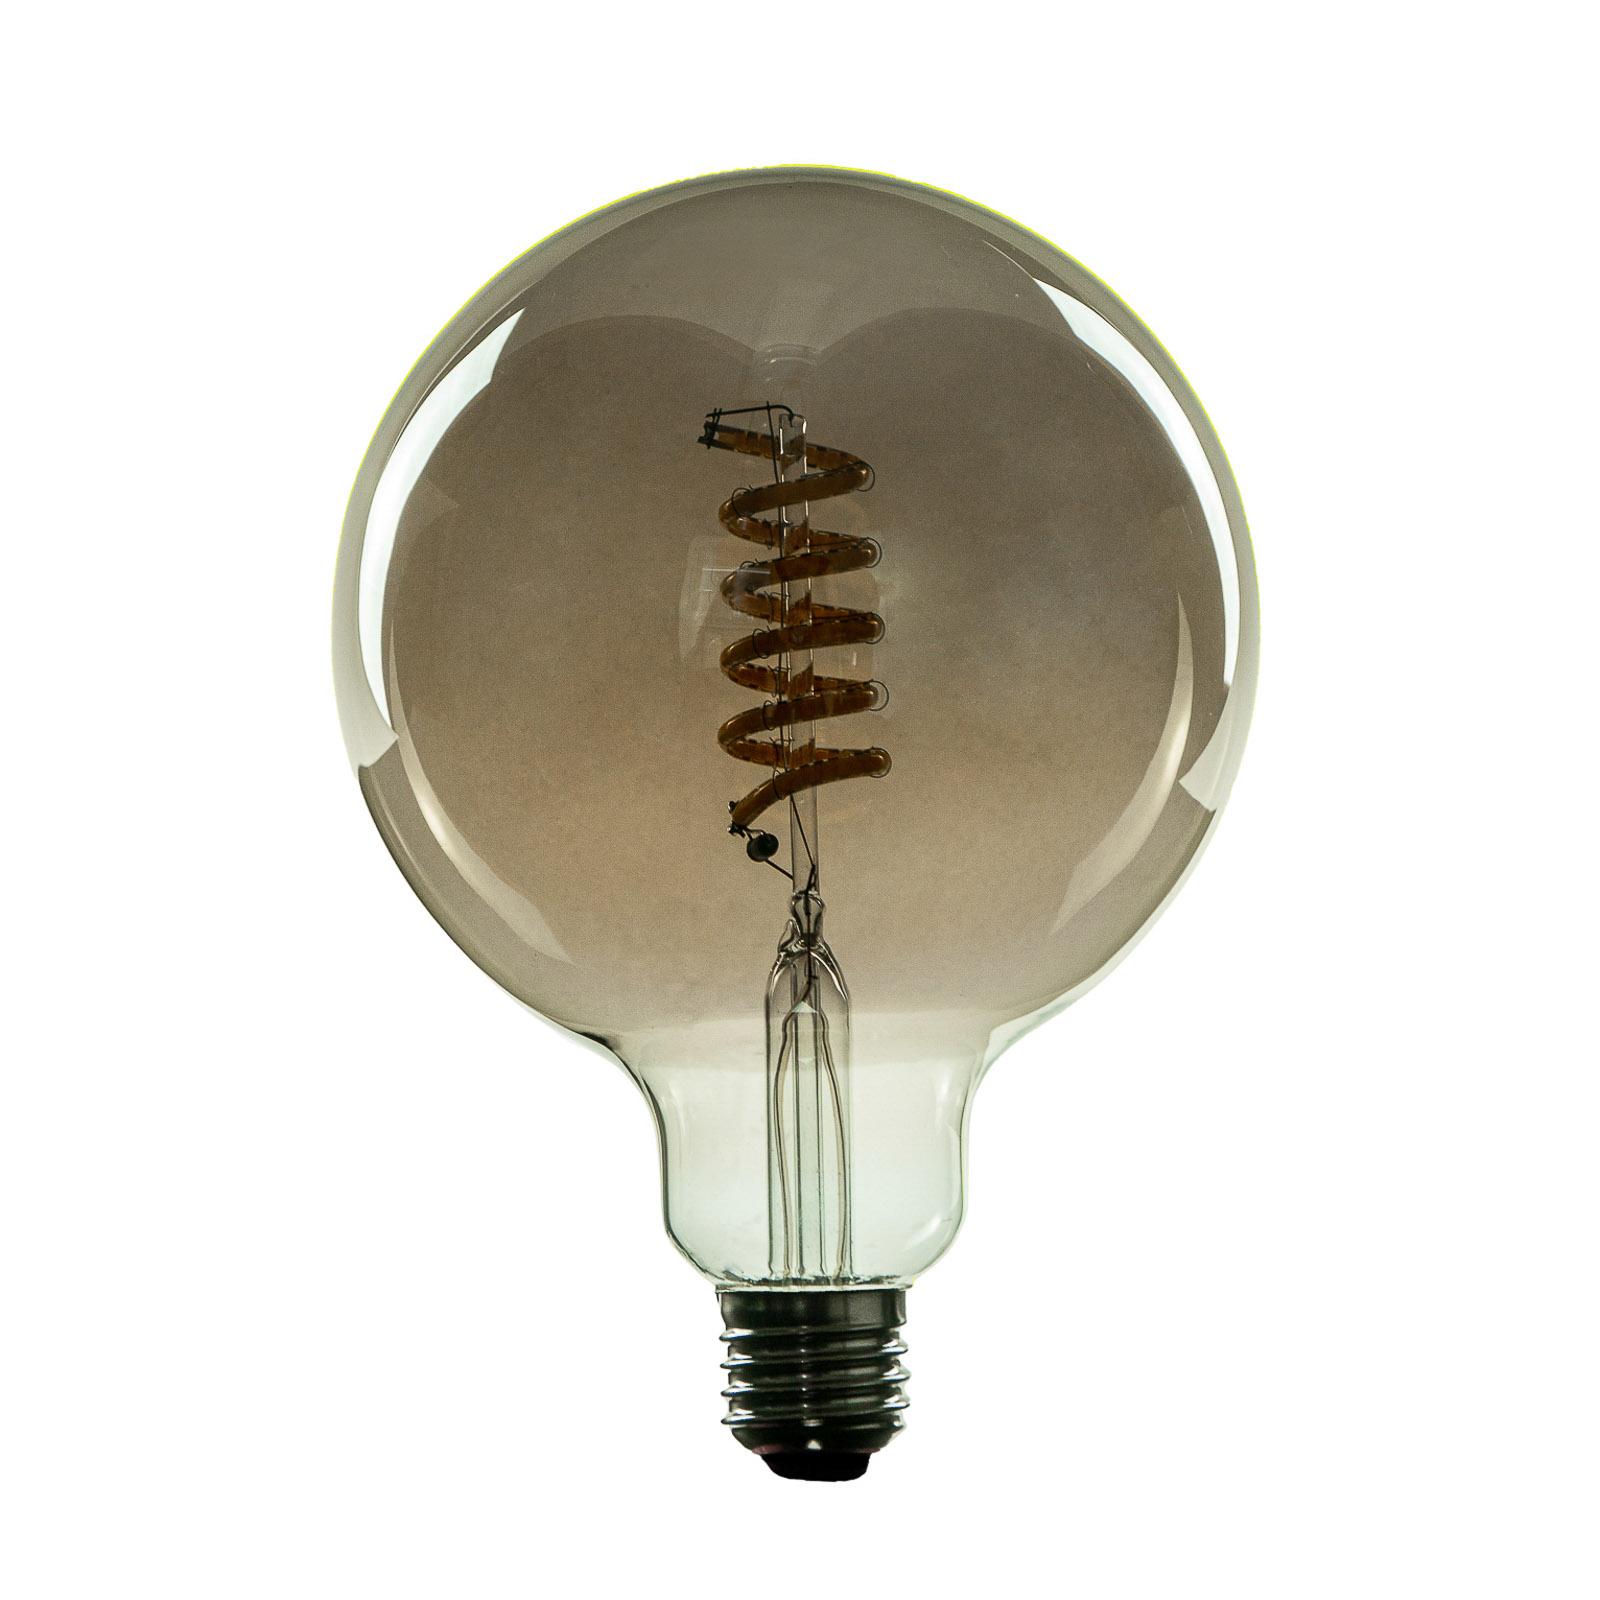 SEGULA LED-Lampe E27 8 W G125 Curved ambient smoke